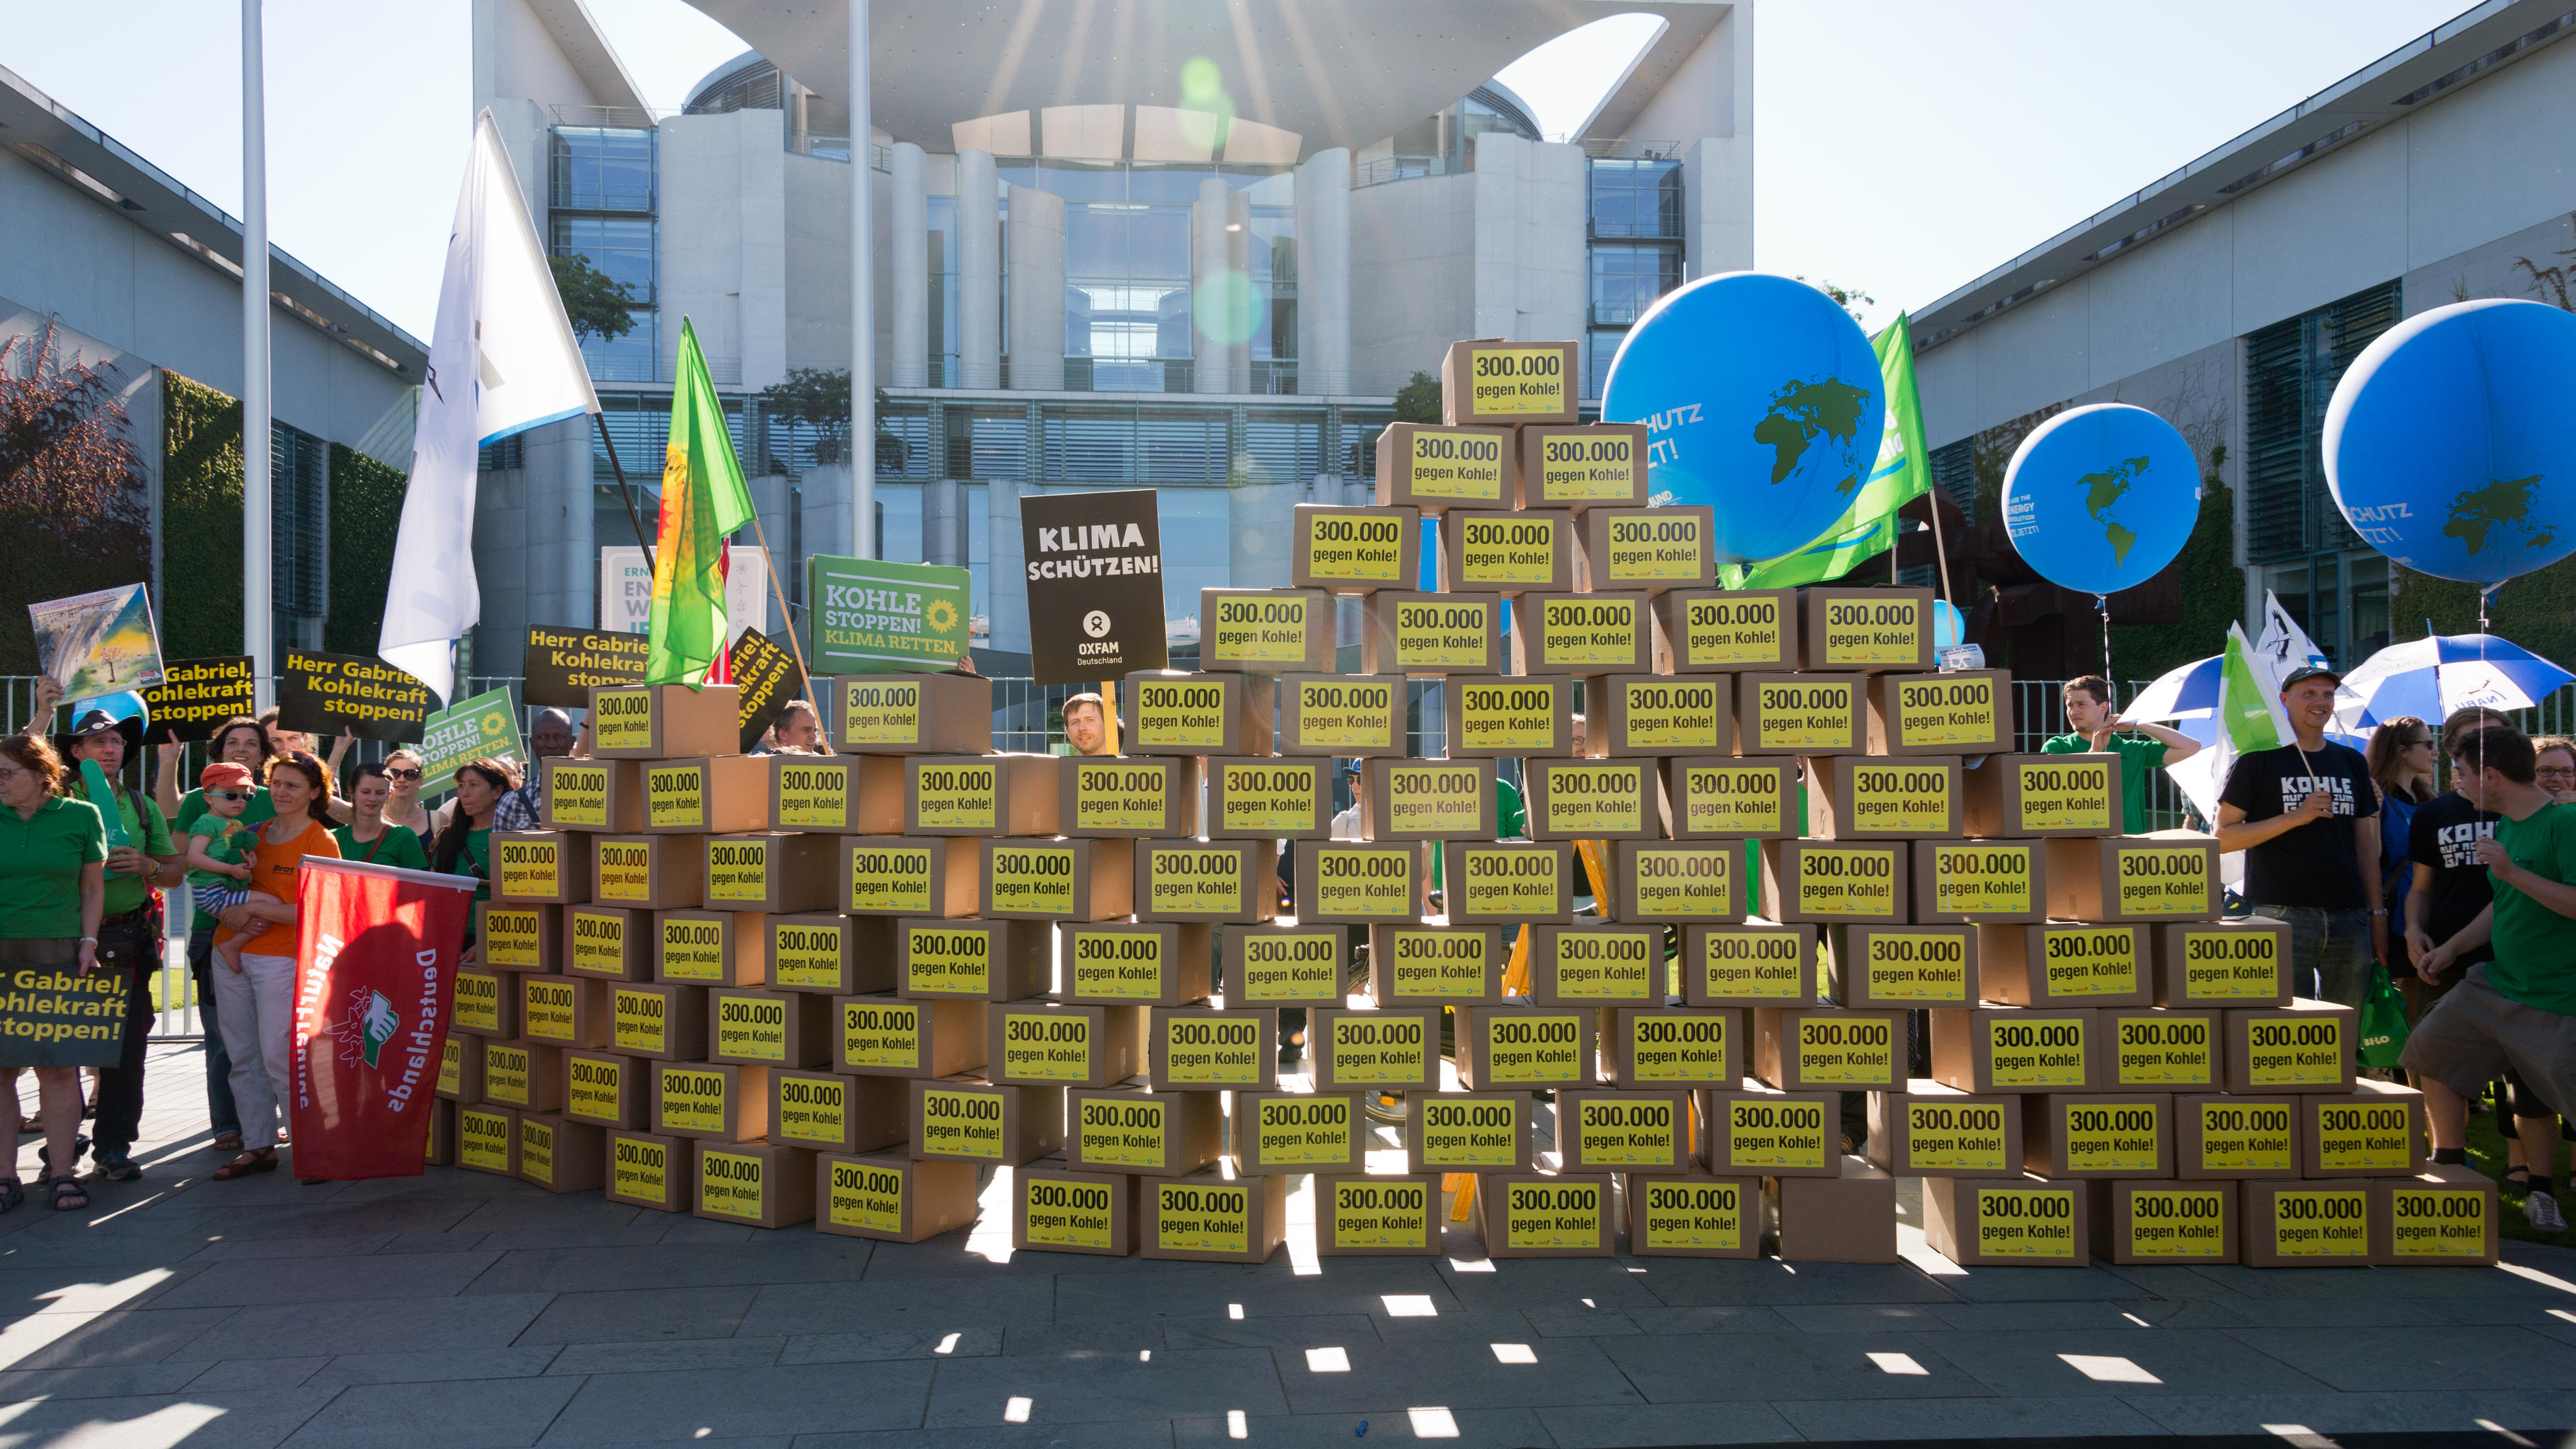 Aktivist/innen mit 300.000 Unterschriften gegen Kohle vor dem Kanzleramt